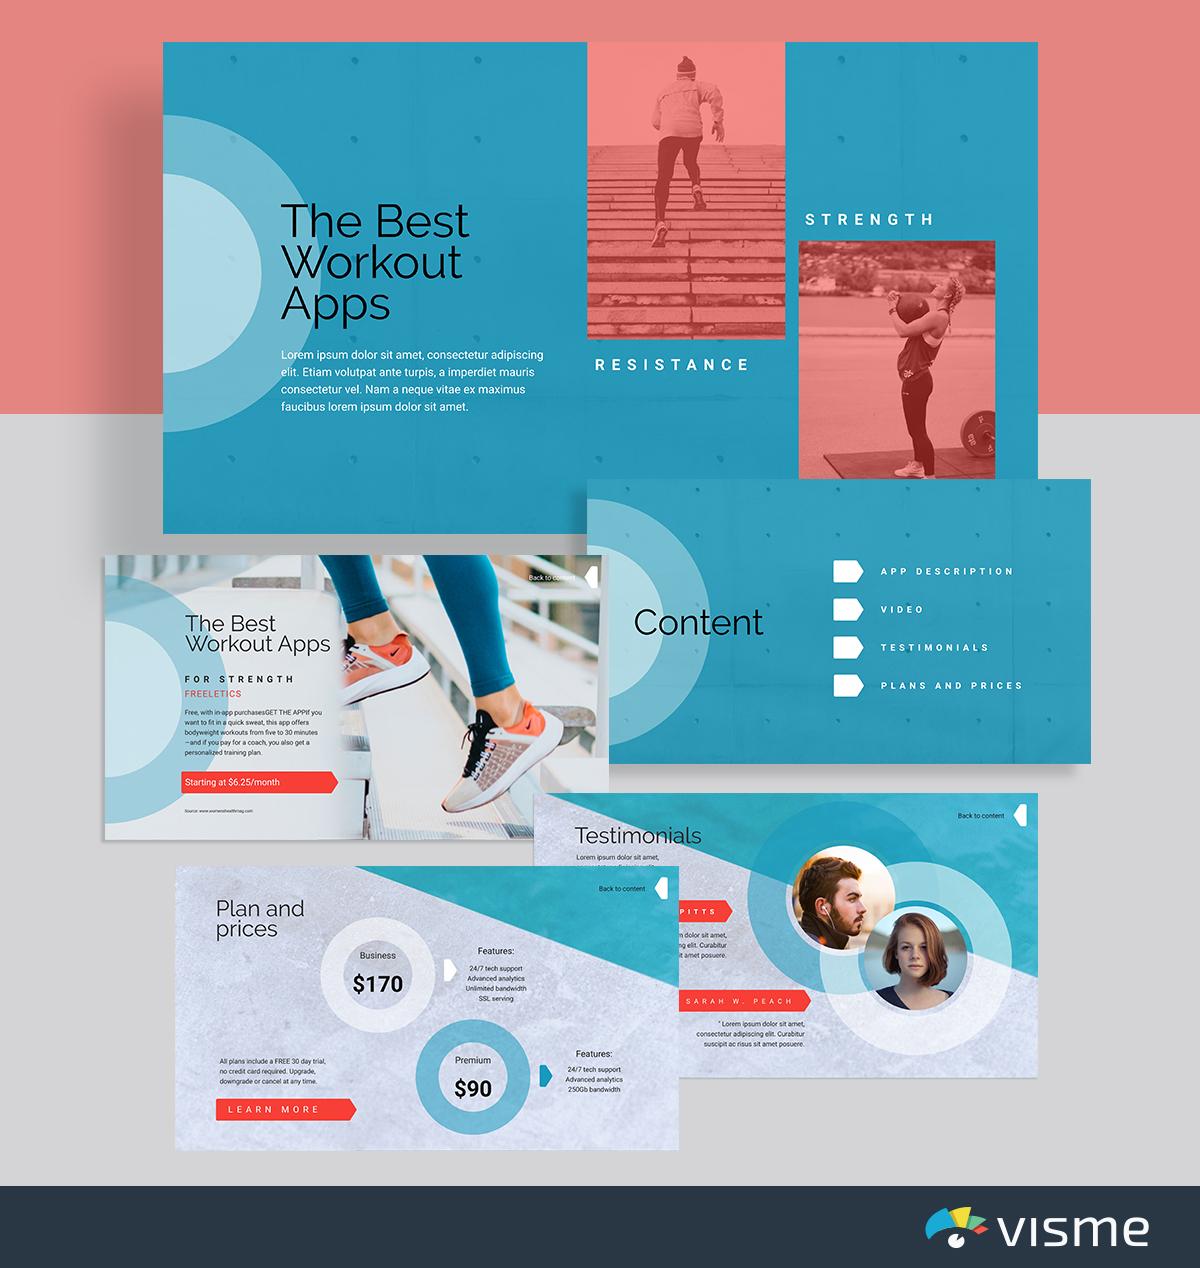 best presentation templates - fitness workout apps visme